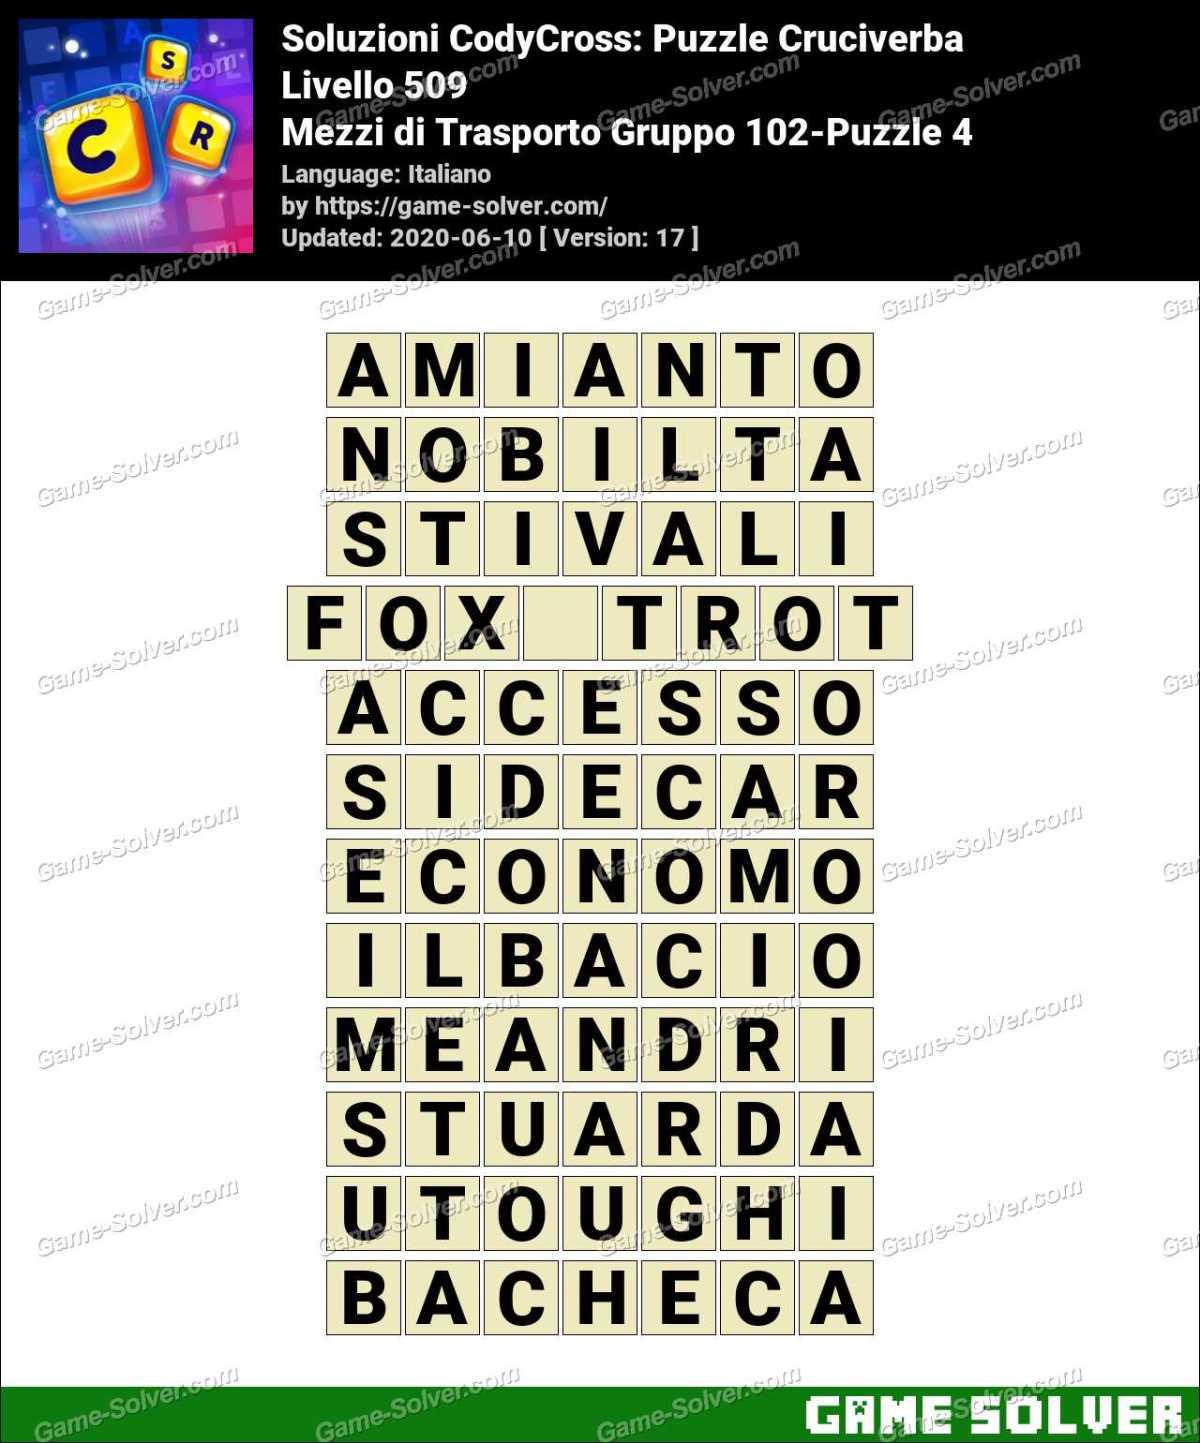 Soluzioni CodyCross Mezzi di Trasporto Gruppo 102-Puzzle 4